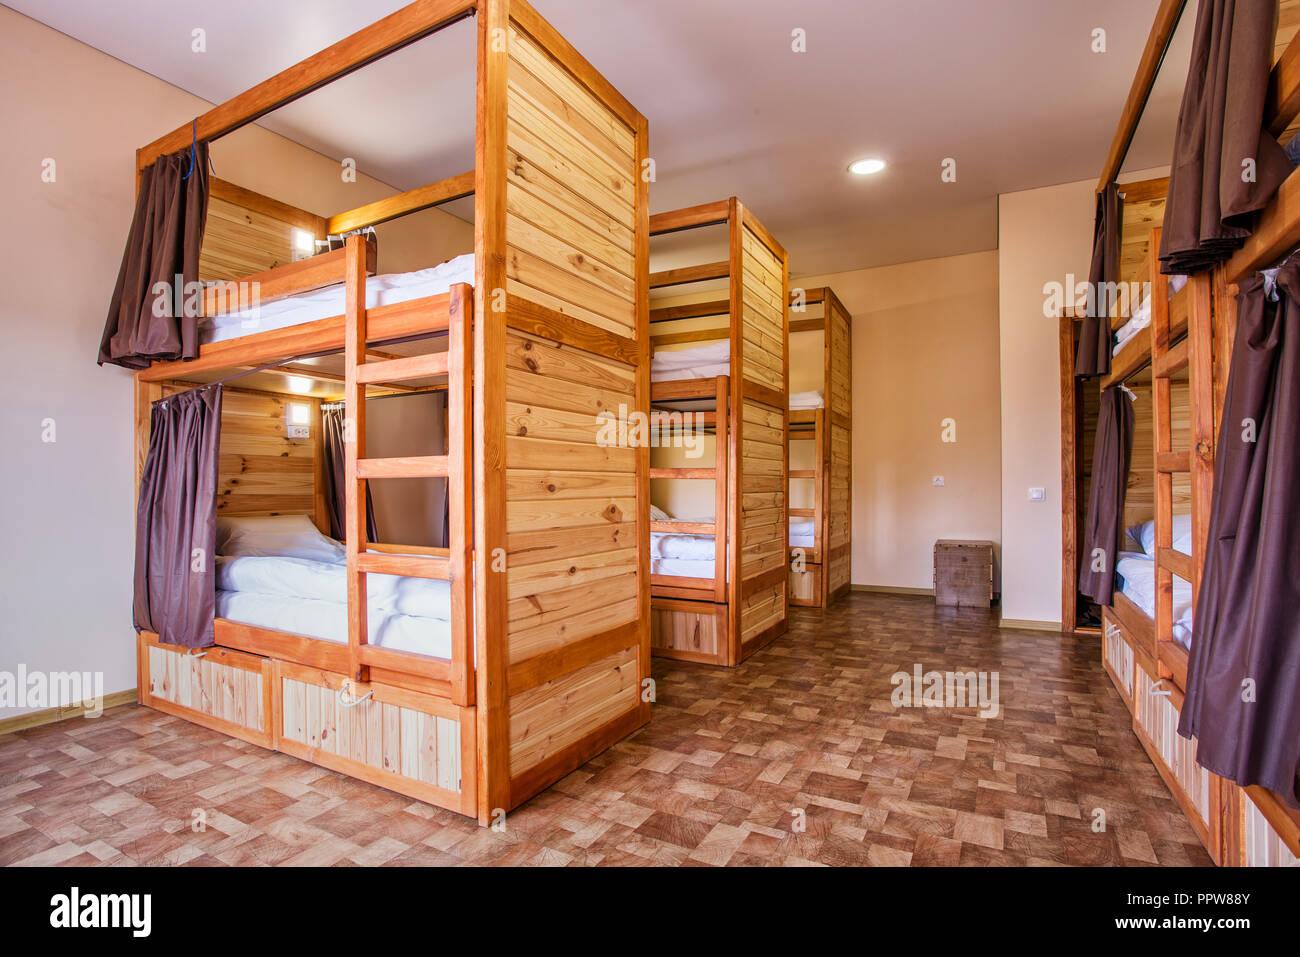 Letti A Castello Per Ostelli.Letti A Castello Dormitorio Immagini Letti A Castello Dormitorio